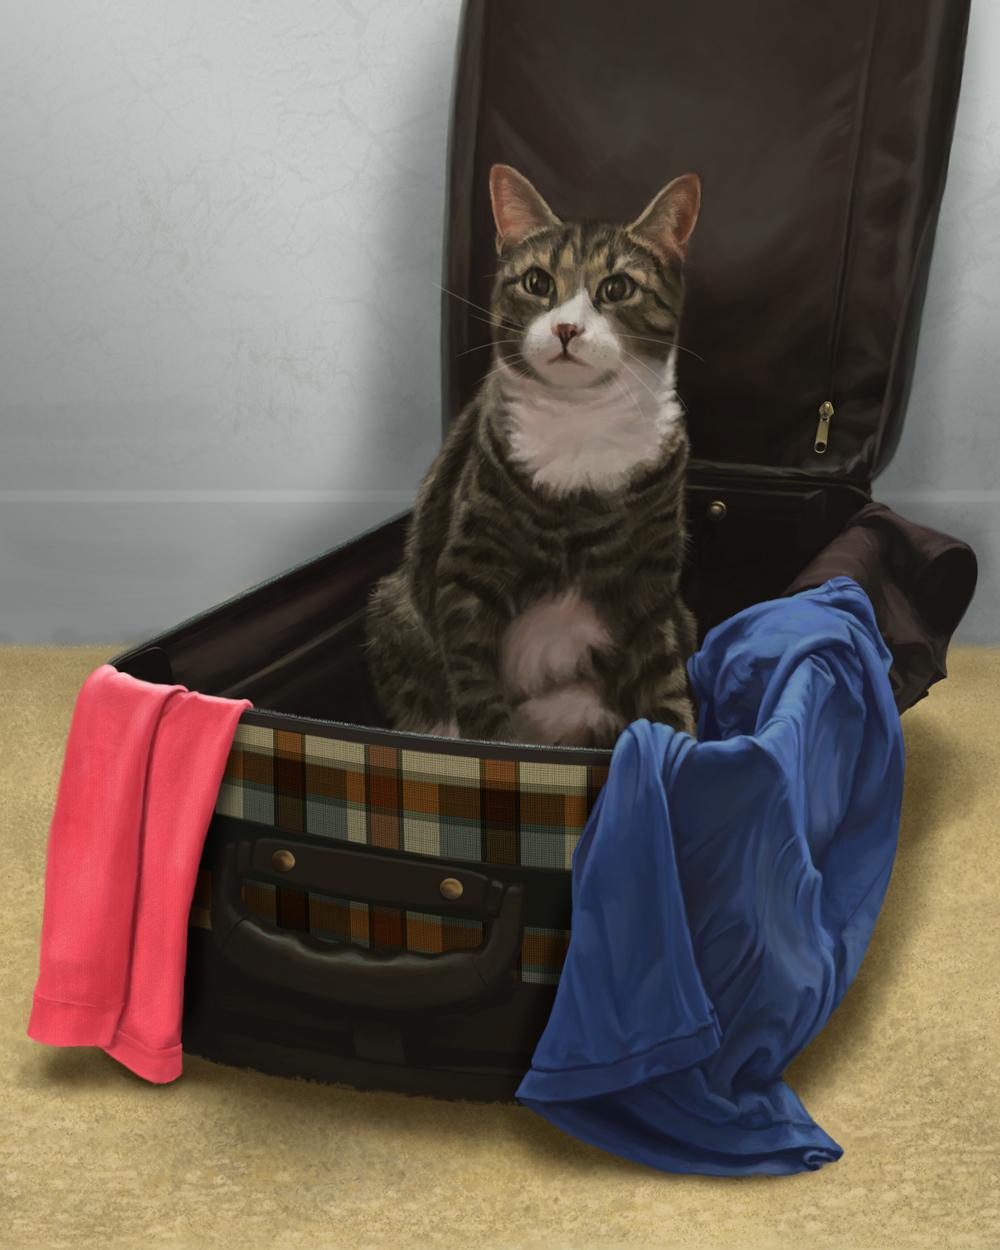 leela Cat in suitcase